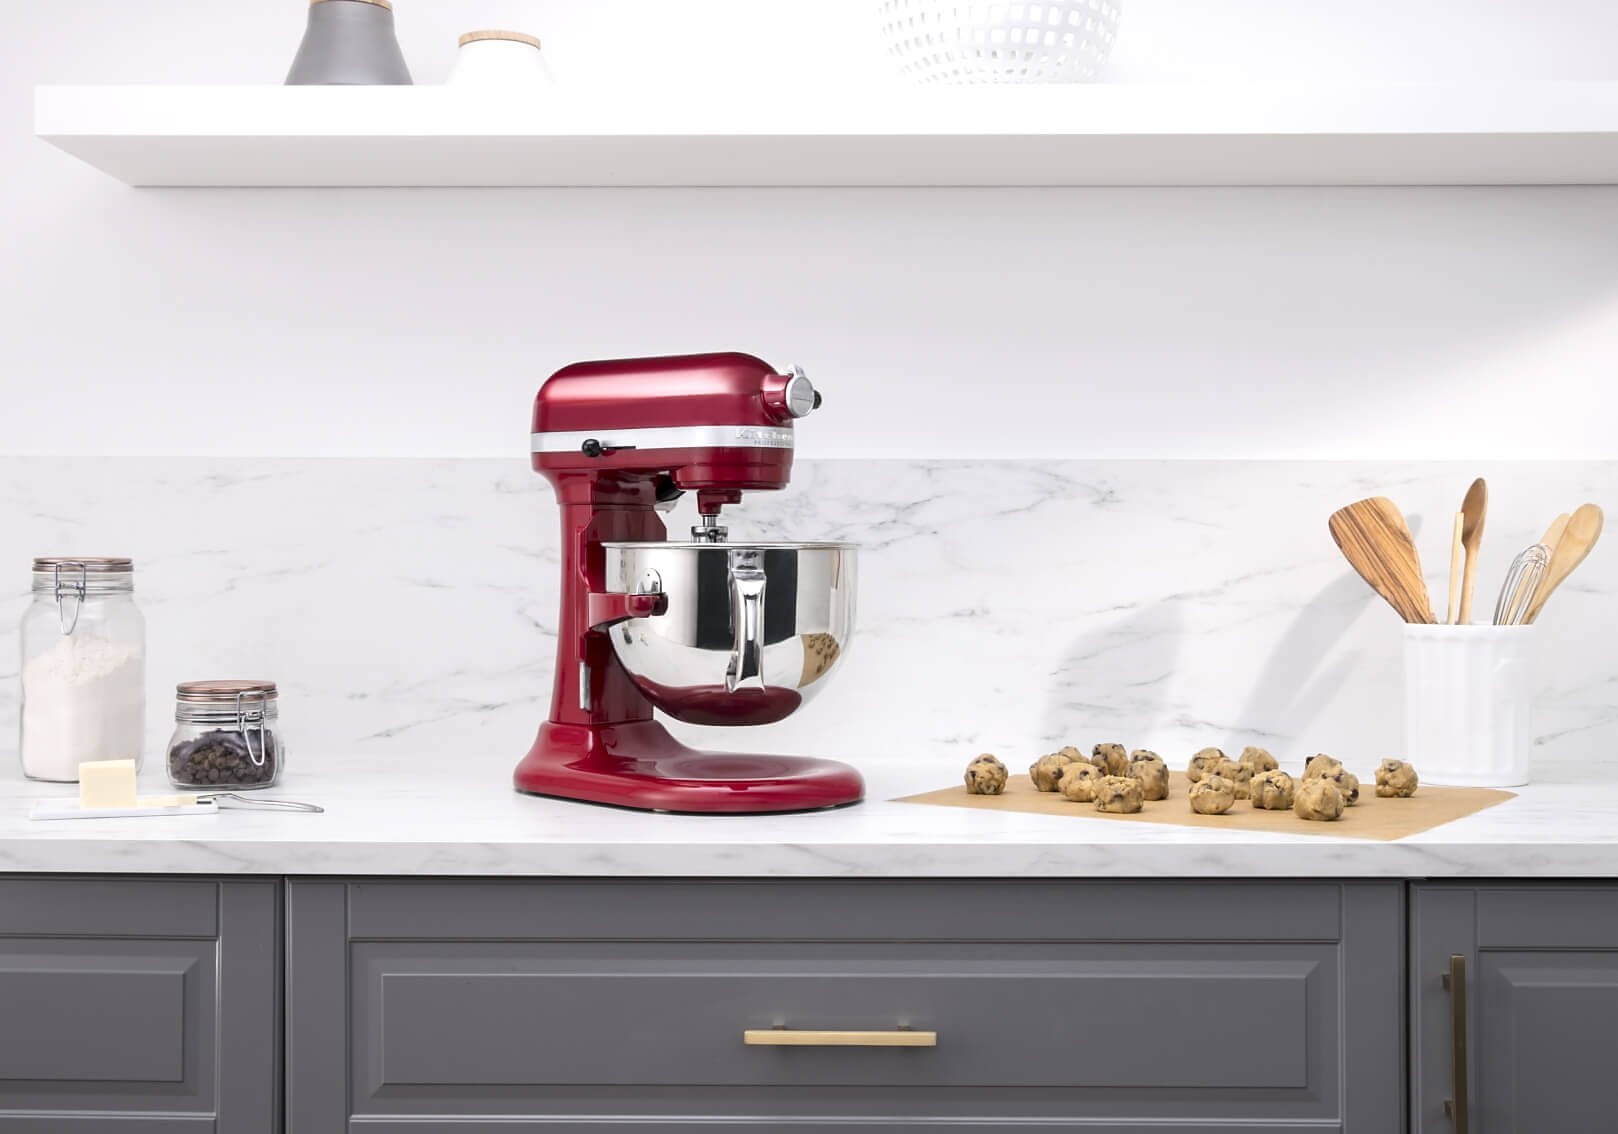 Baking cookies using a KitchenAid® bowl-lift stand mixer